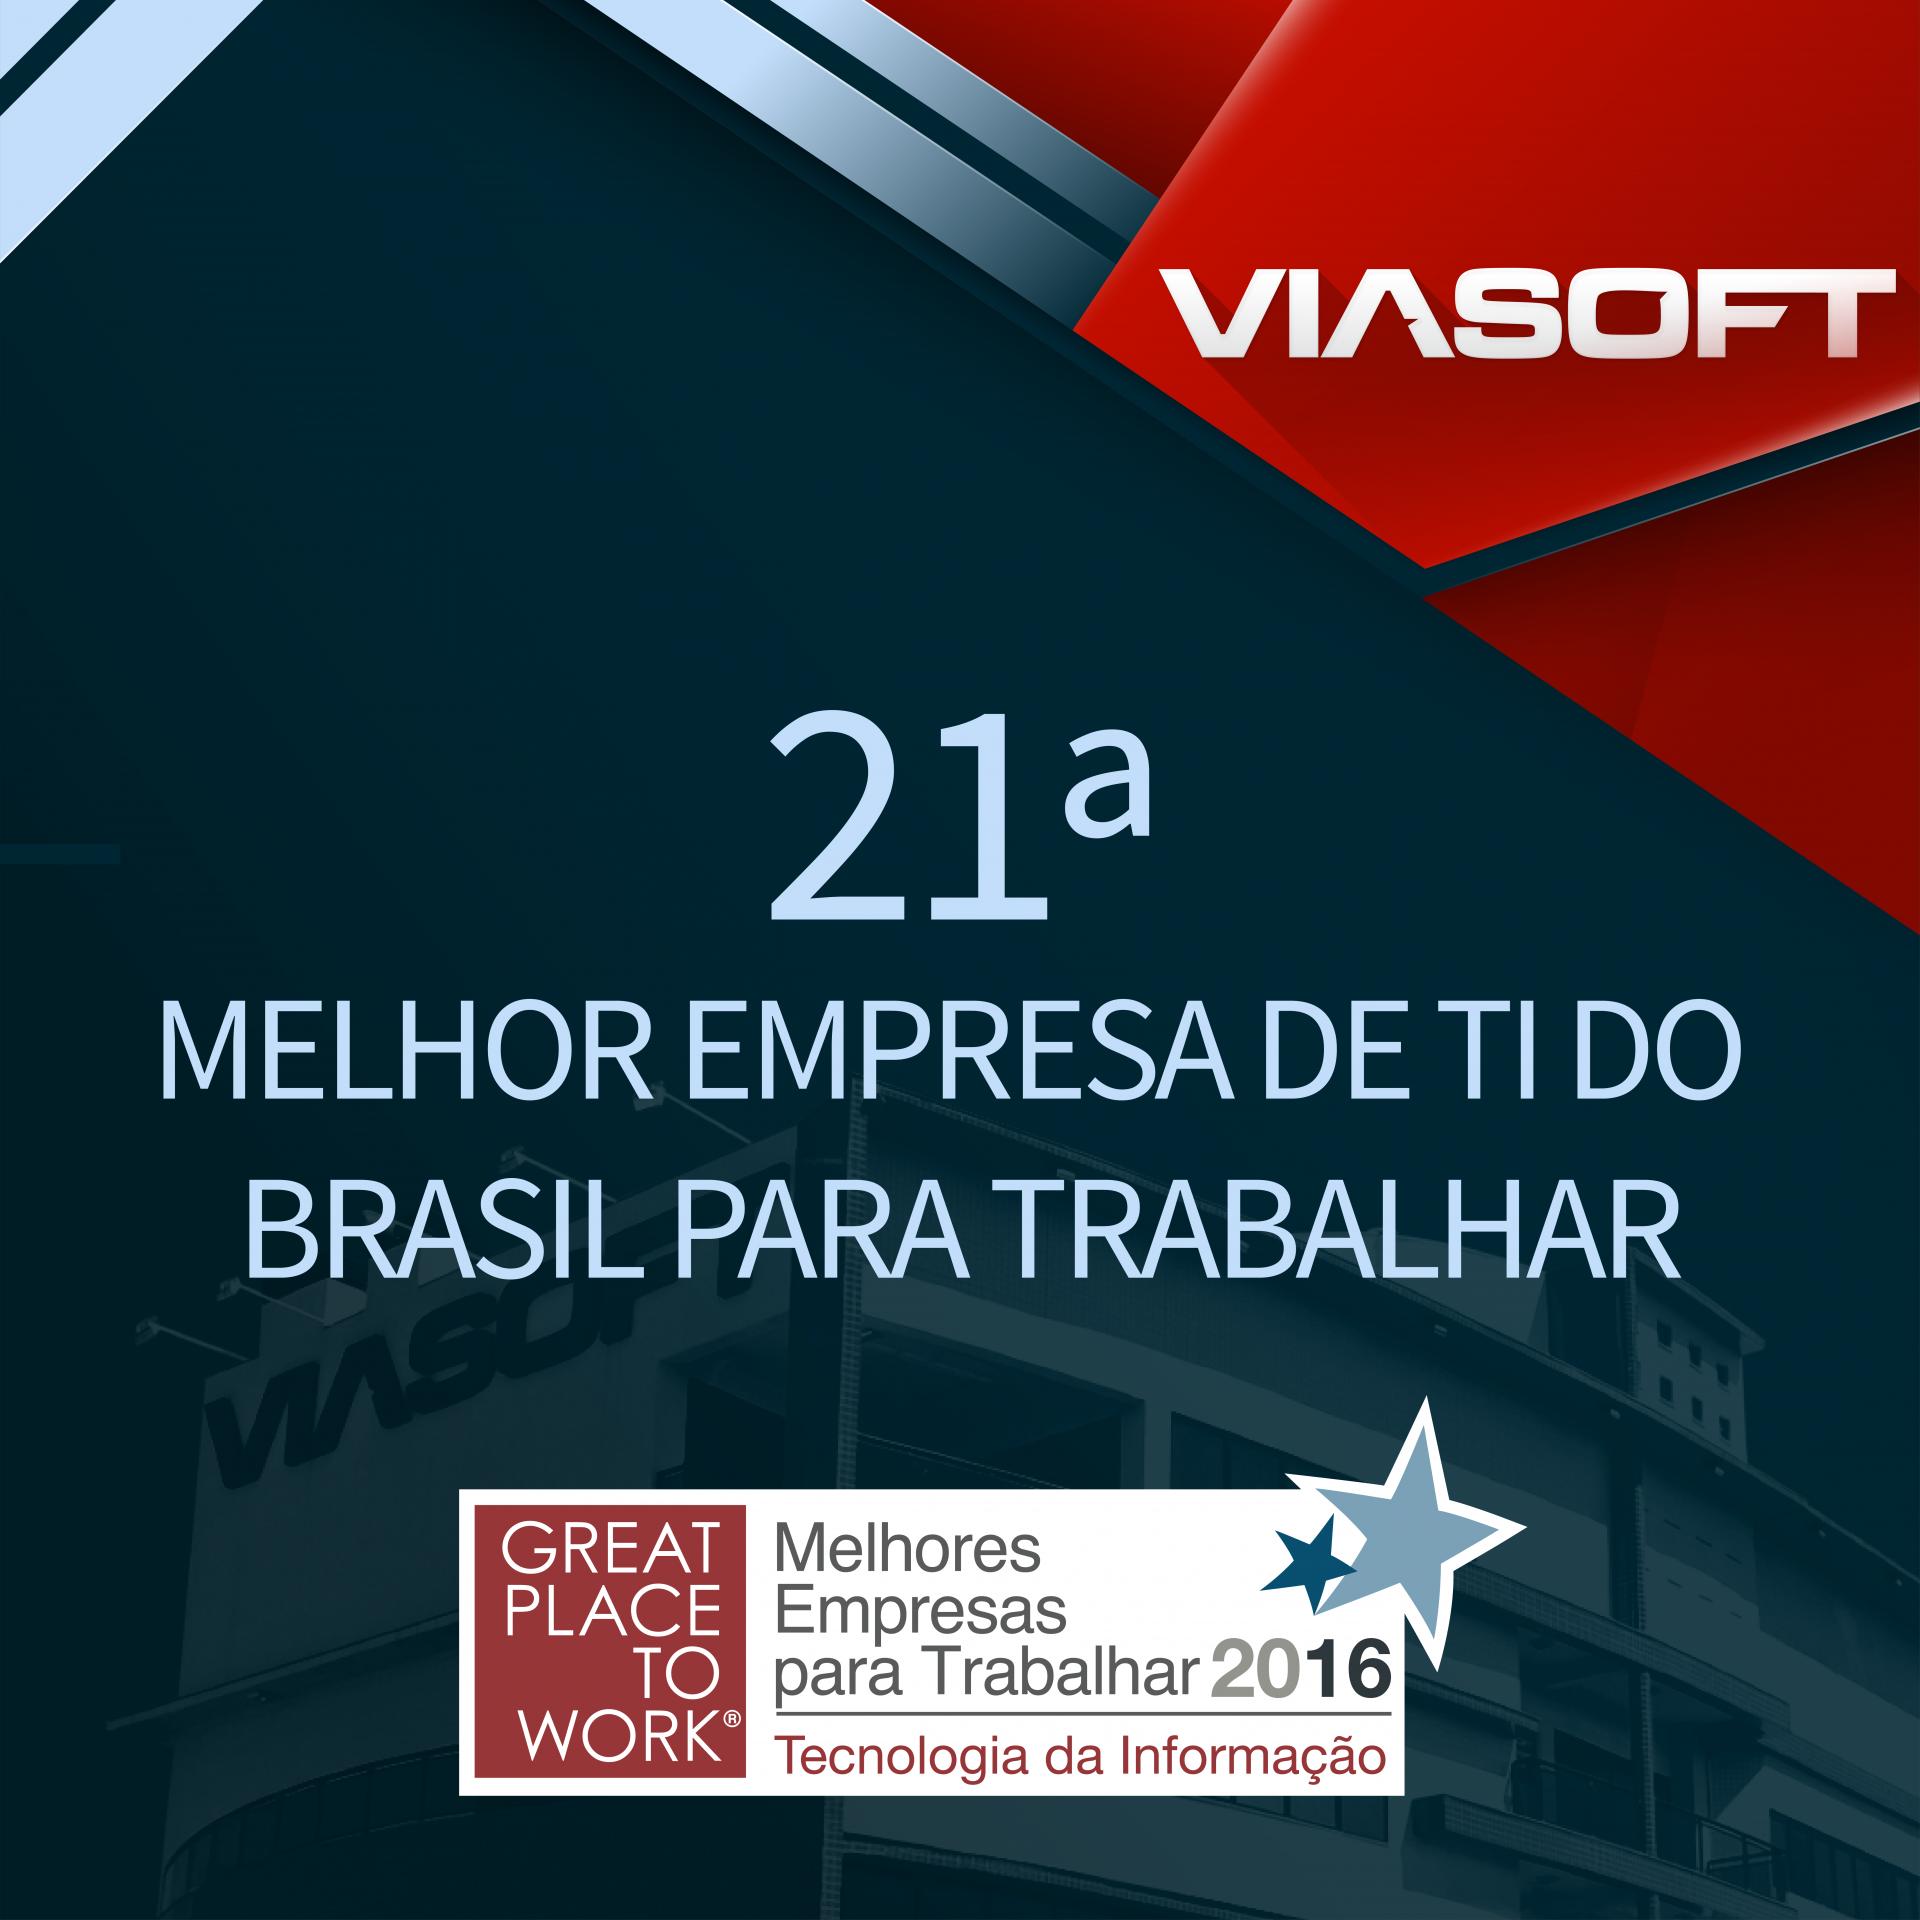 VIASOFT no ranking das melhores empresas de TI para trabalhar no Brasil